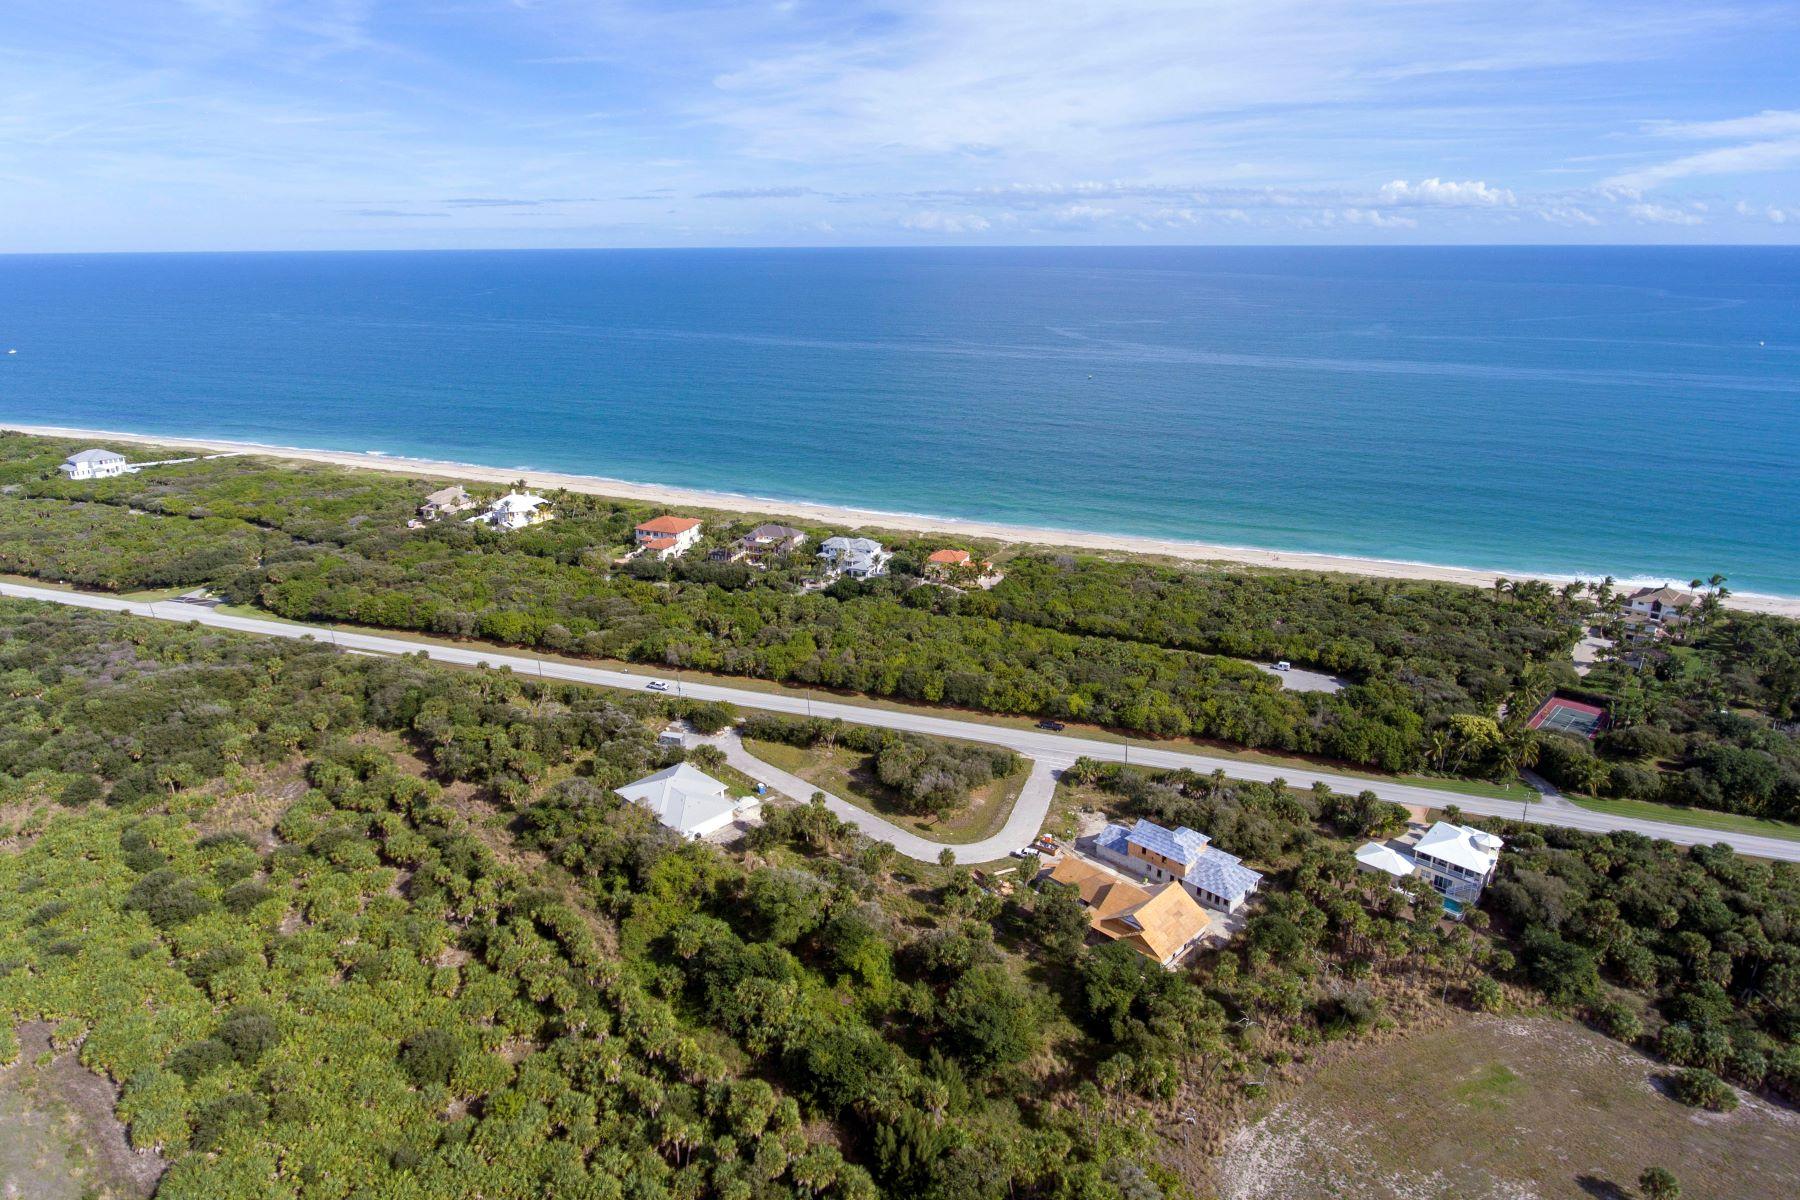 11715 Brown Pelican Way 11715 Brown Pelican Way Vero Beach, Floride 32963 États-Unis